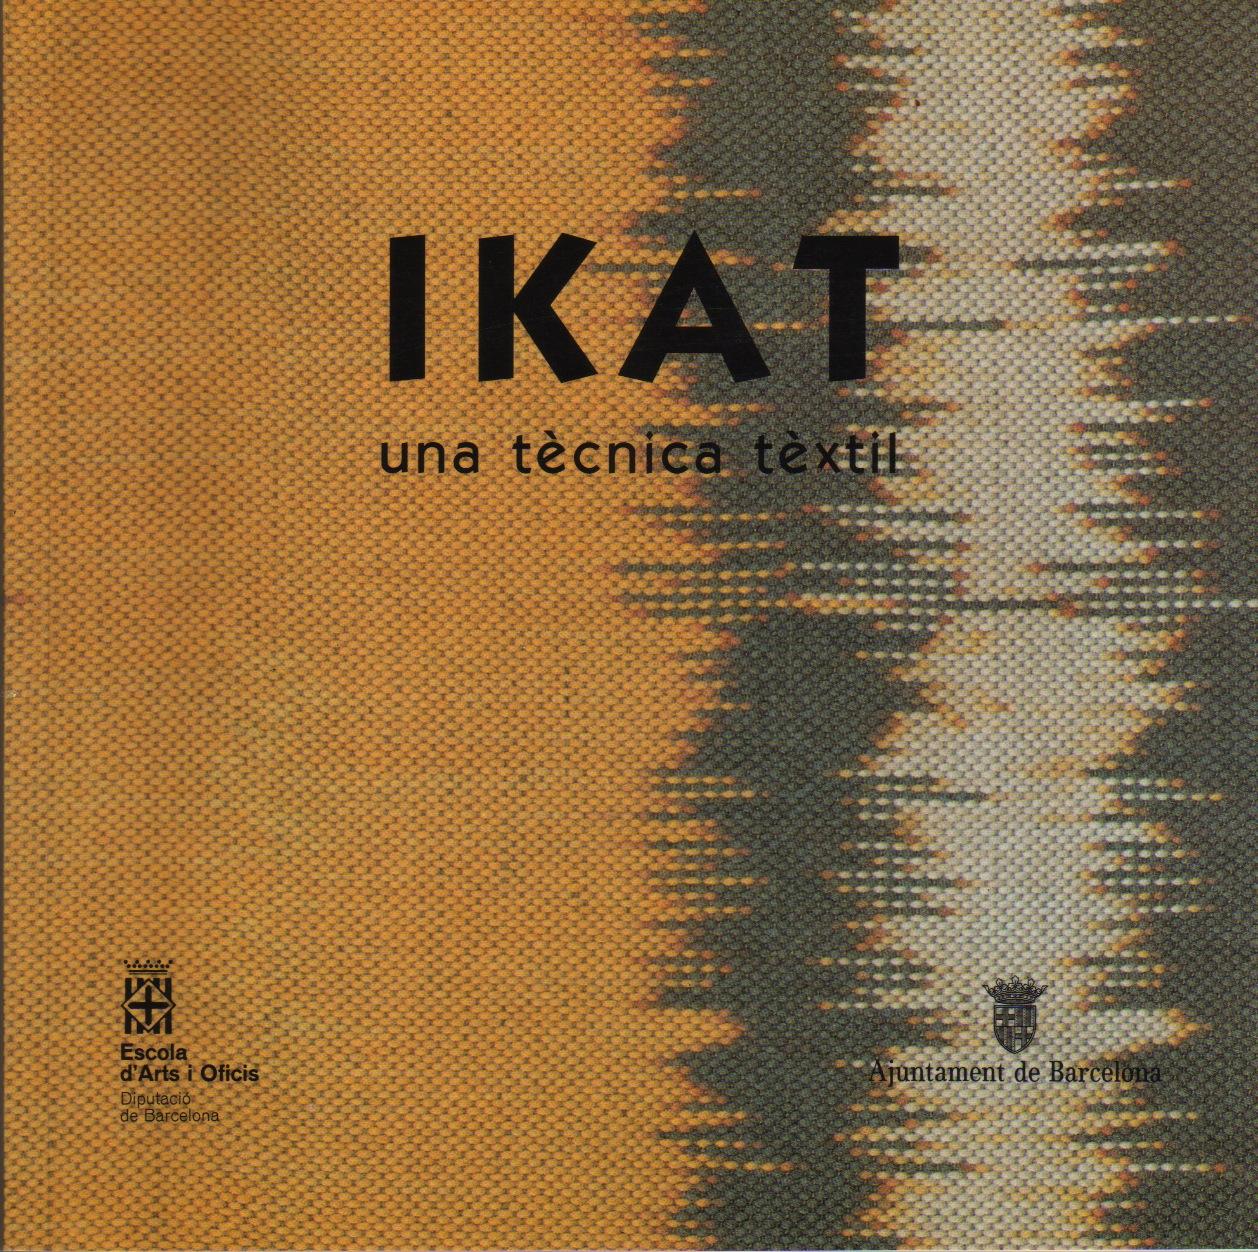 Ikat, una técnica téxtil